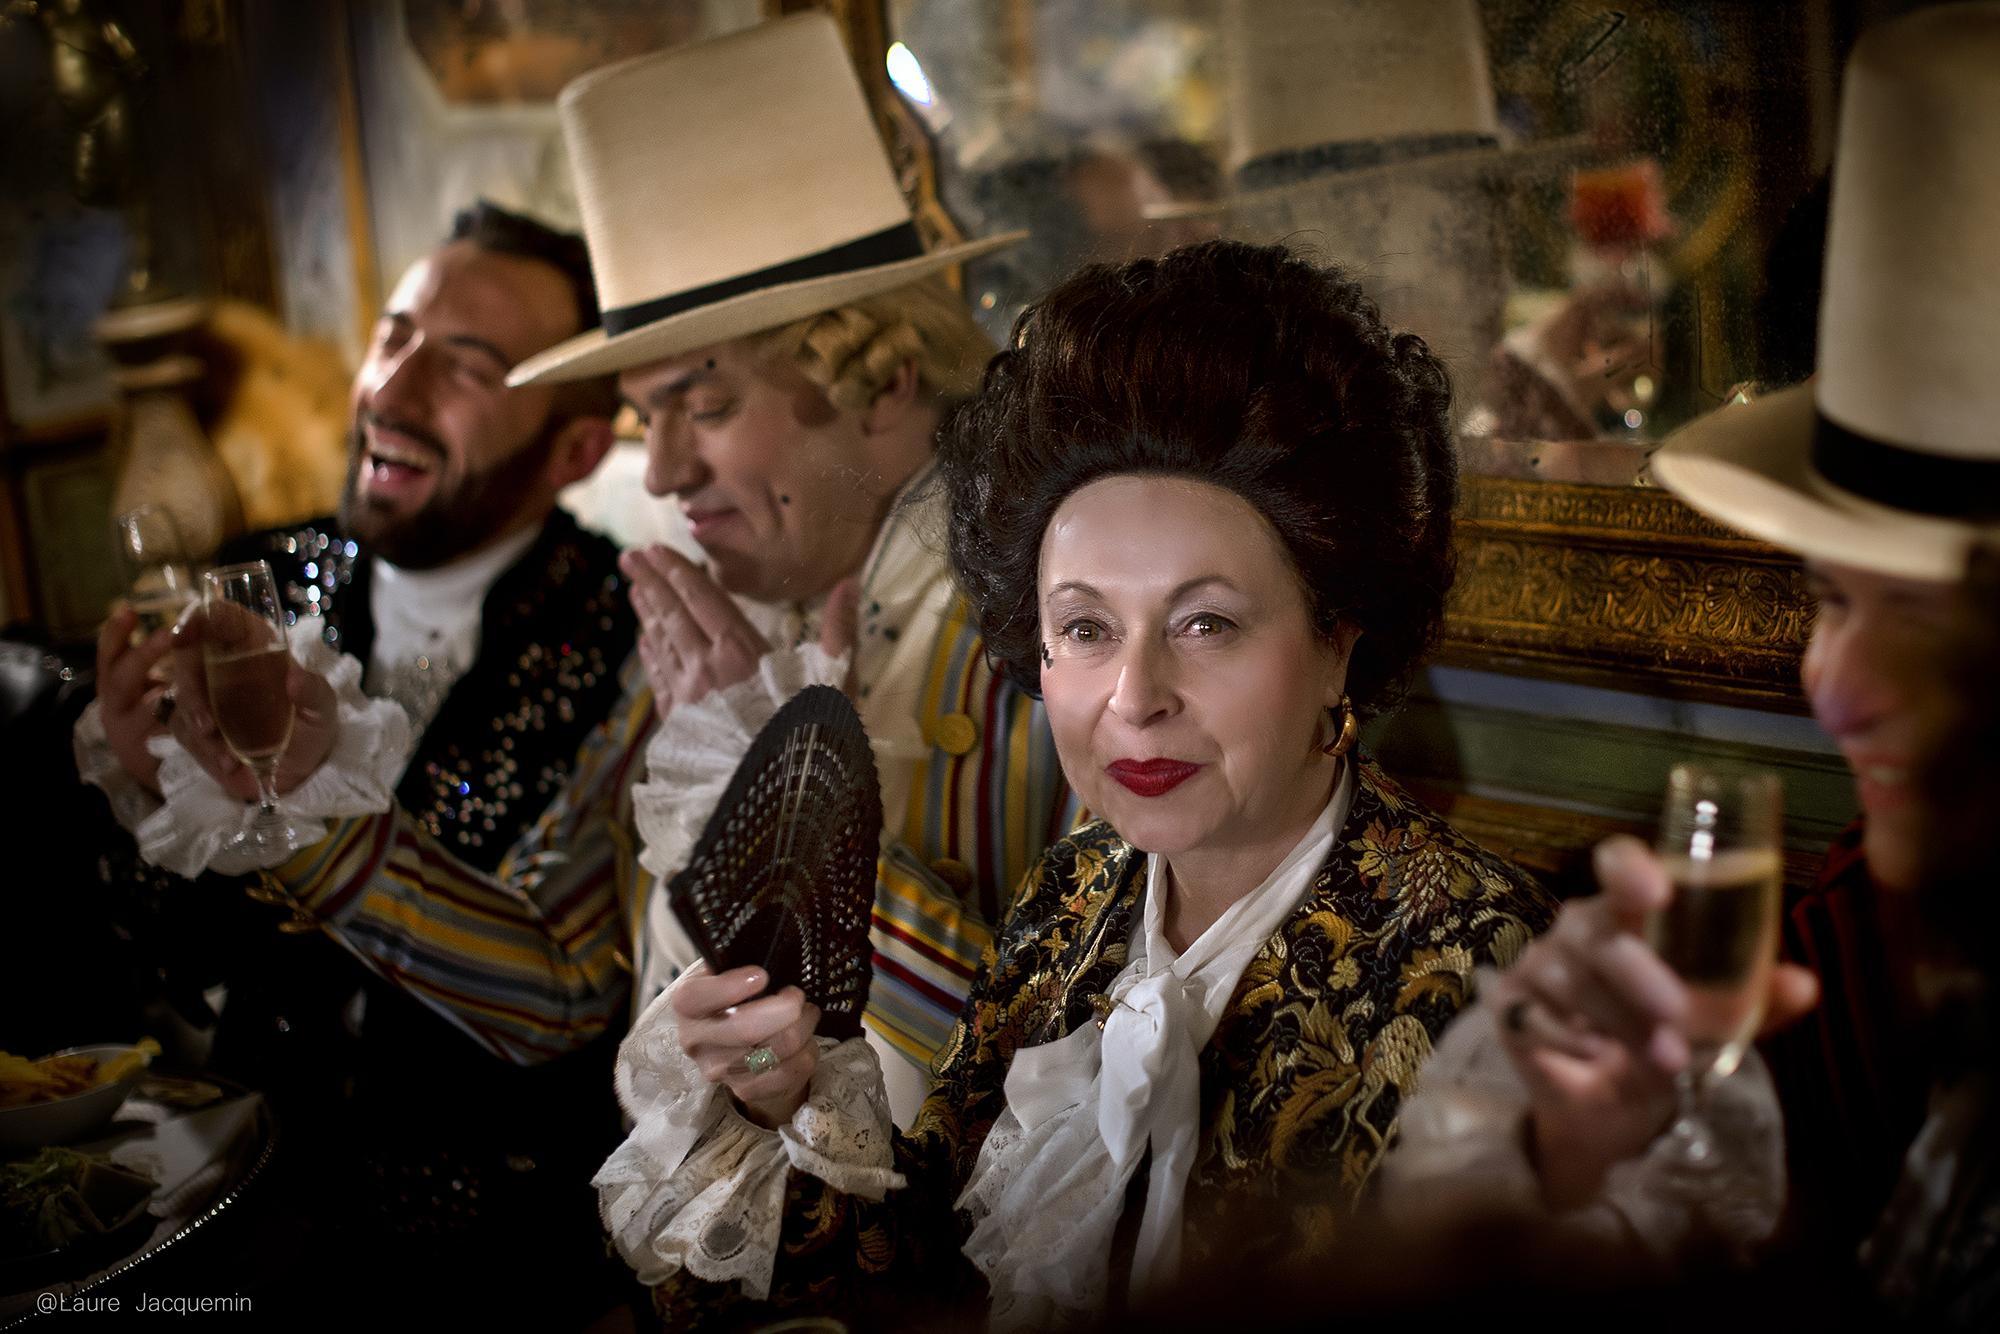 Meilleur photos Carnaval de Venise 2018 laure jacquemin (72)